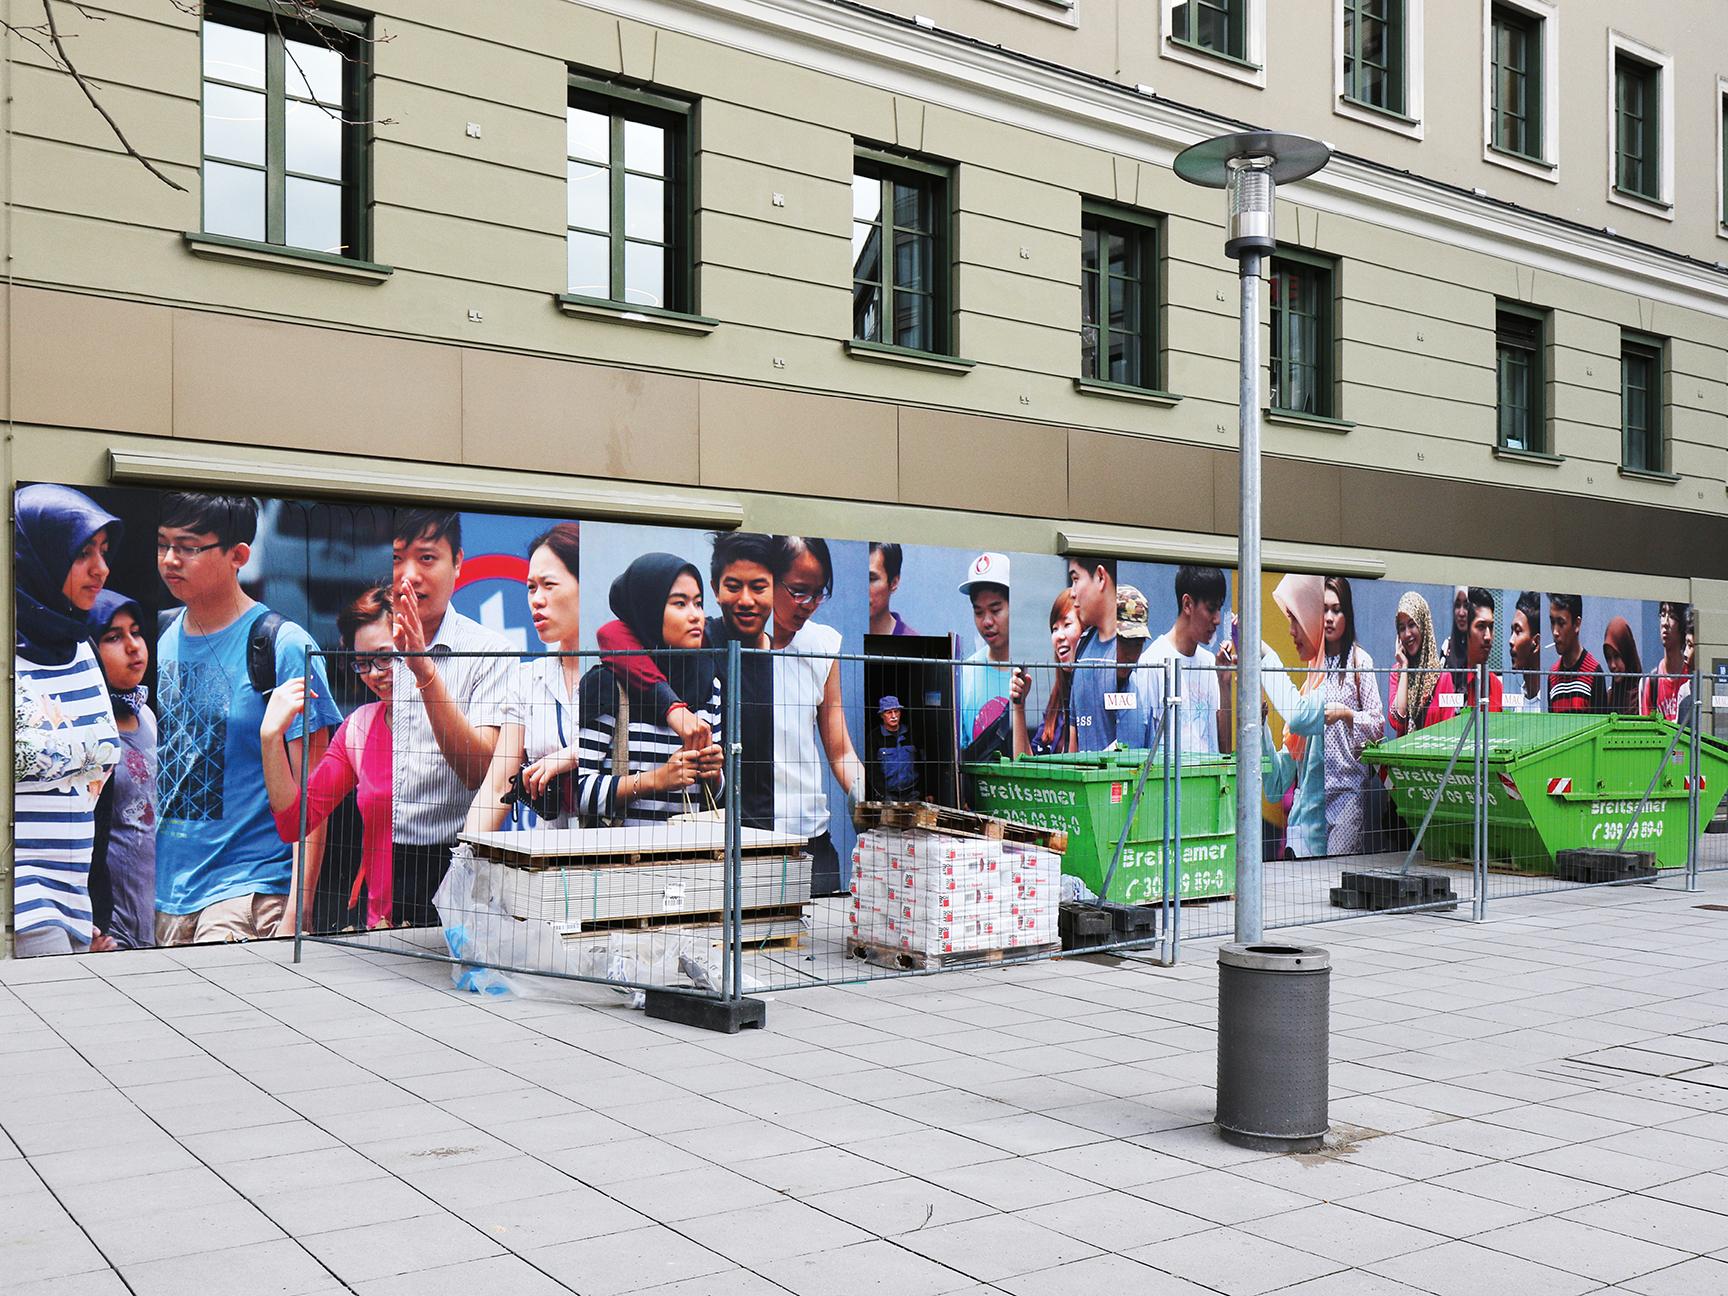 Archiv der Stiftung Federkiel   München   2017